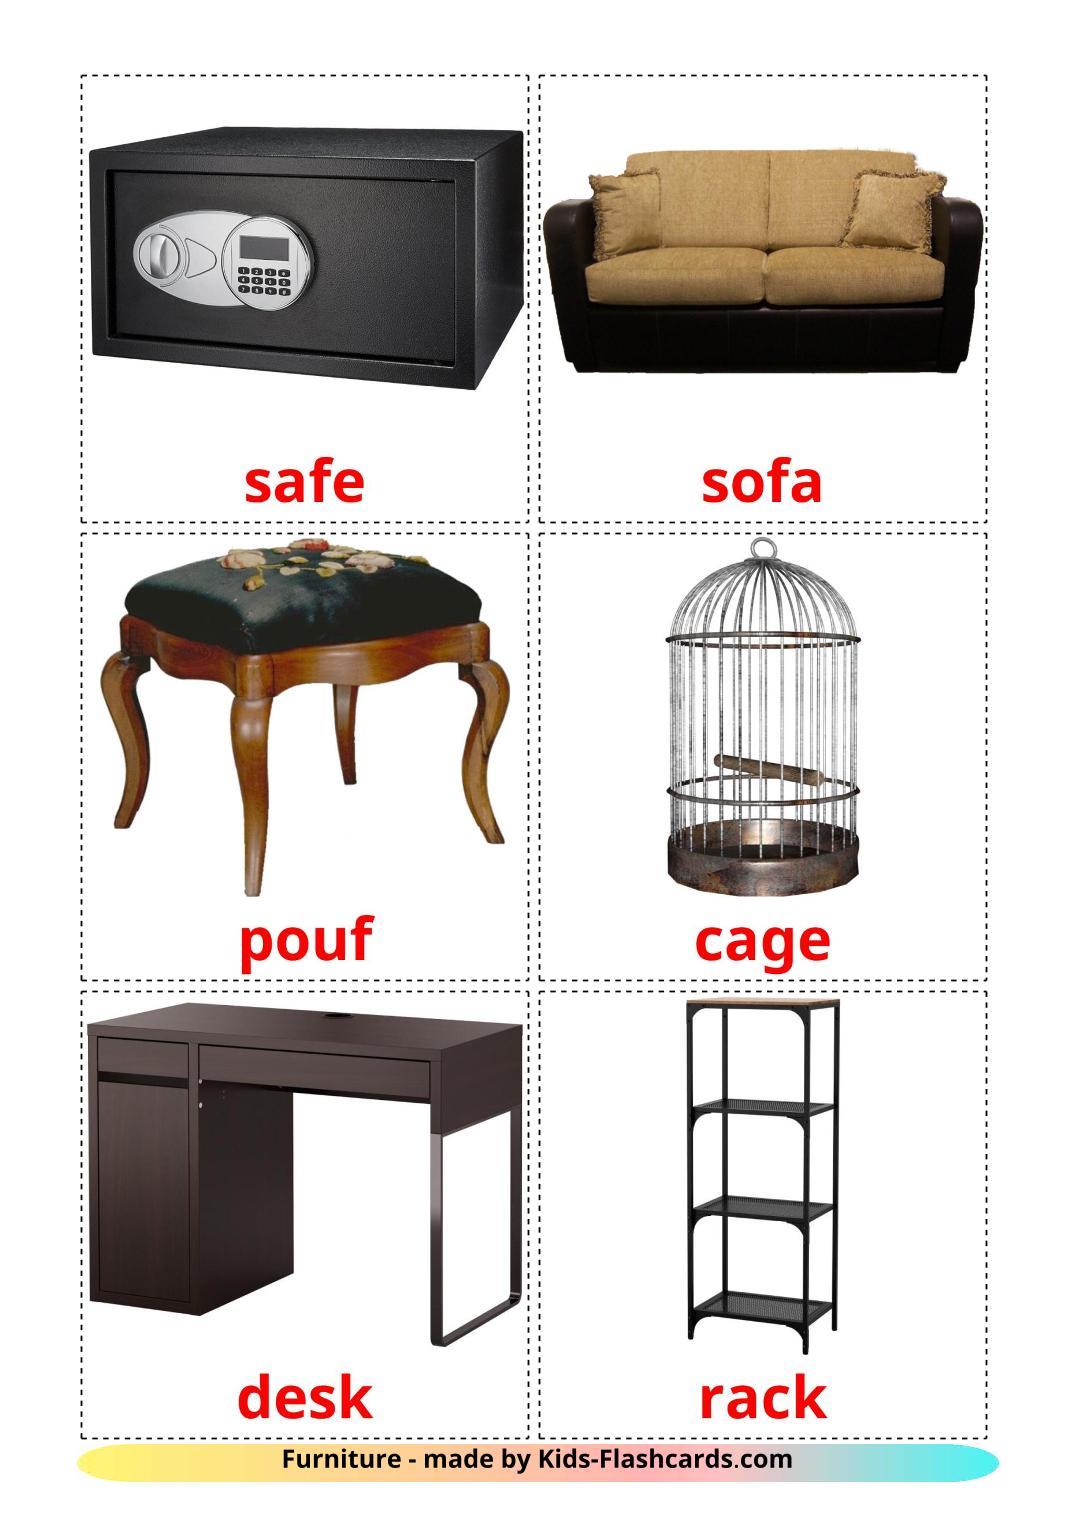 Furniture - 31 Free Printable english Flashcards